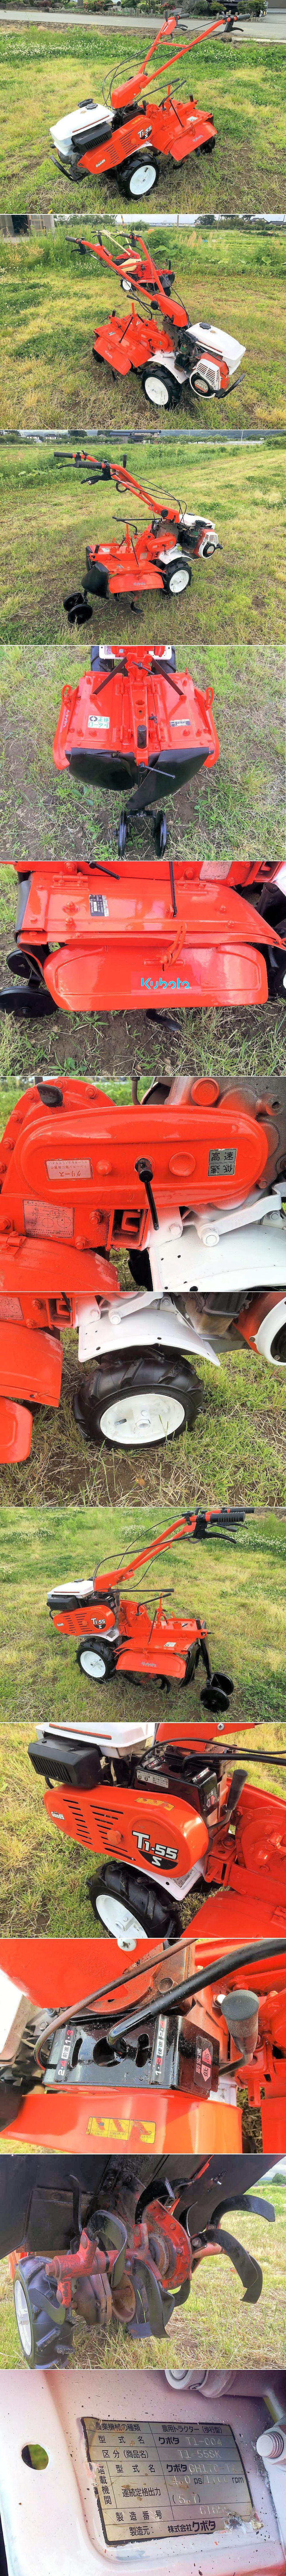 クボタ ねぎ管理機 耕運機 T1-55S 正逆ロータリー ハンドル回動付 5.7馬力 整備済 中古 塗装